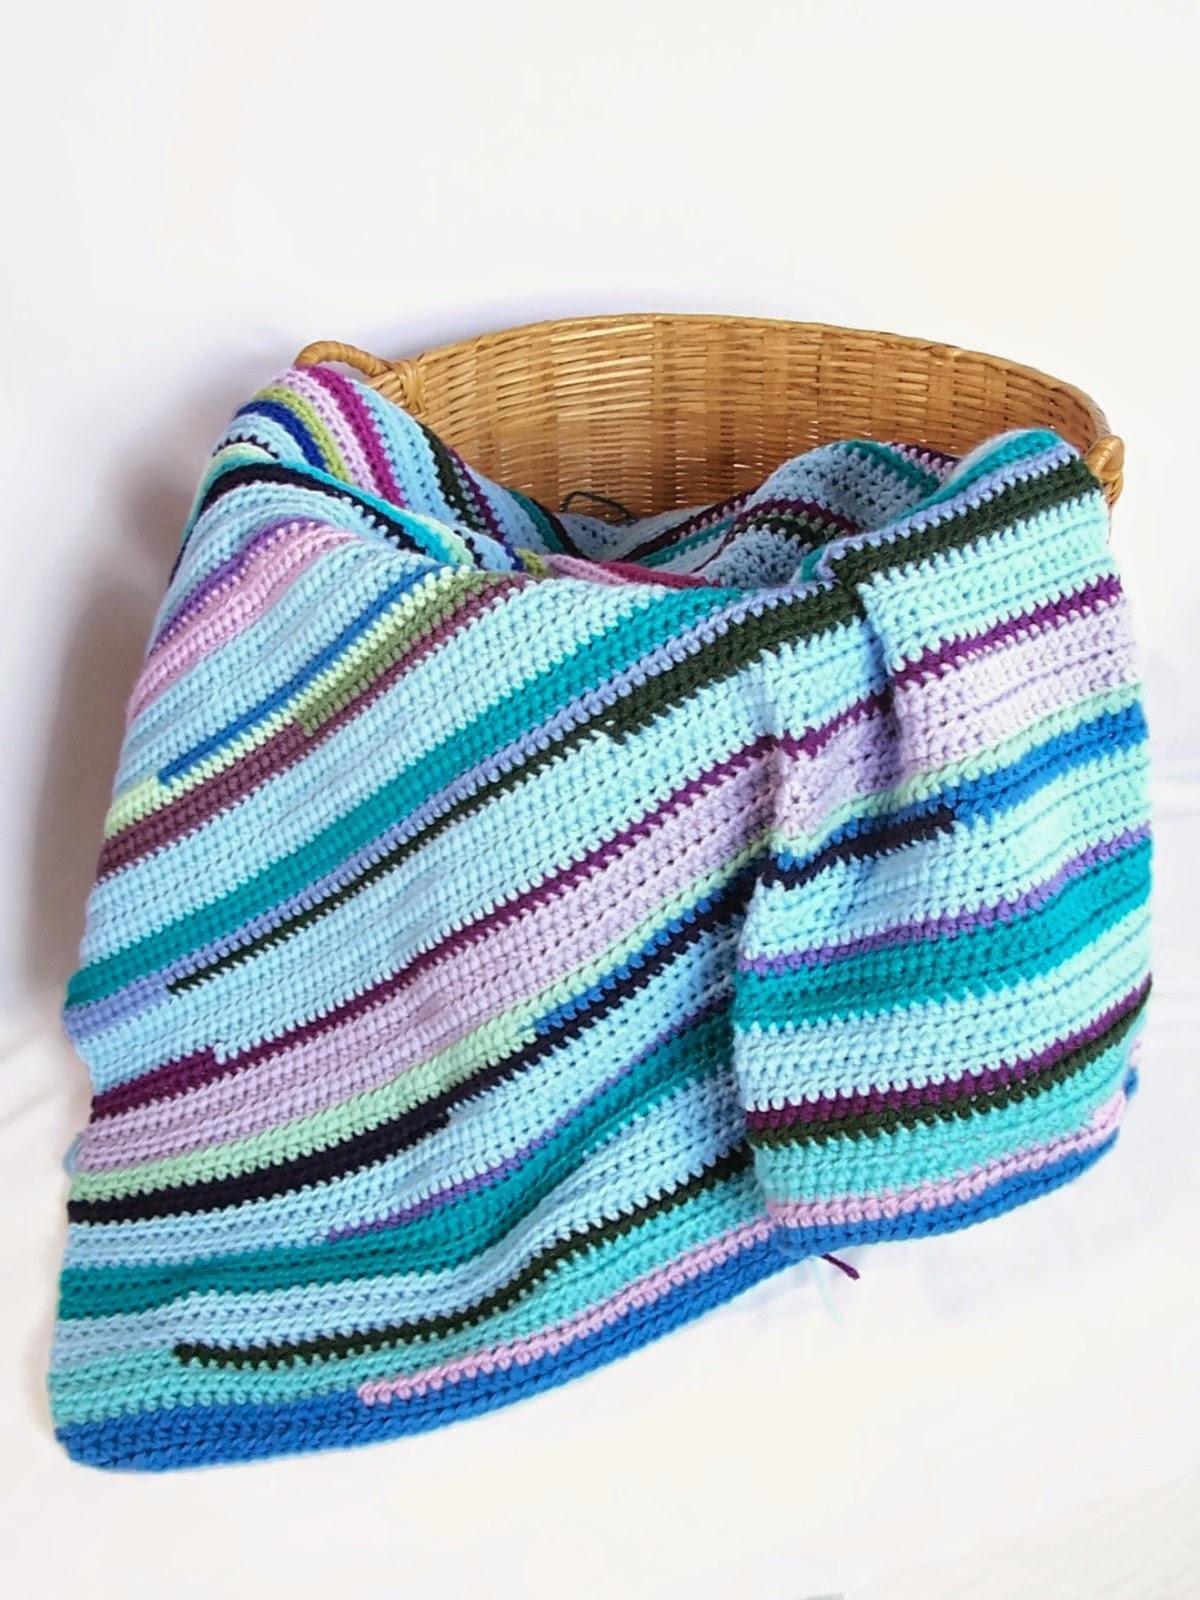 Scrap yarn ideas - Red Berry Crochet's Scrap Blanket